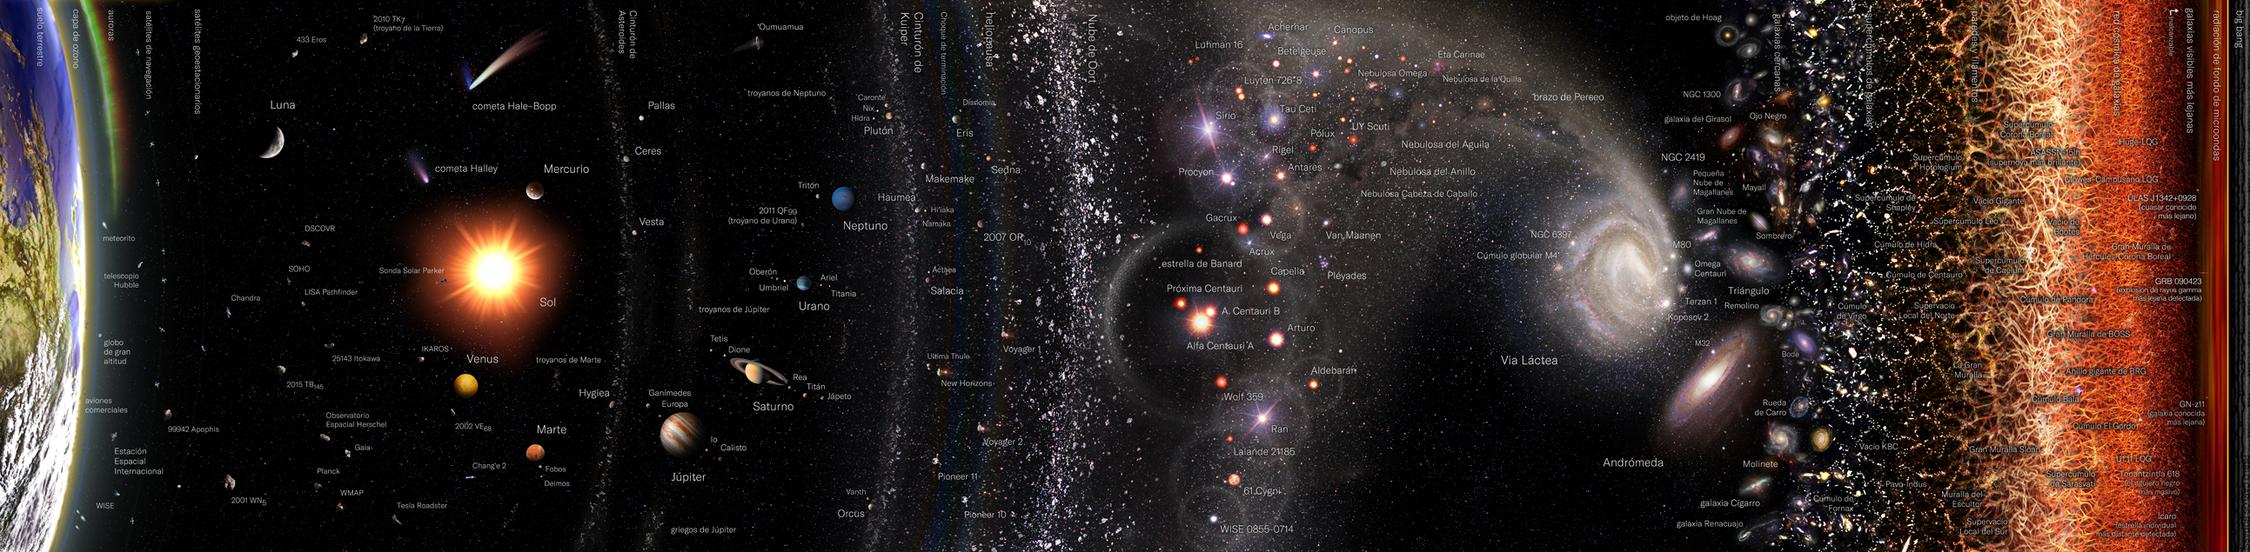 Universo observable la enciclopedia libre